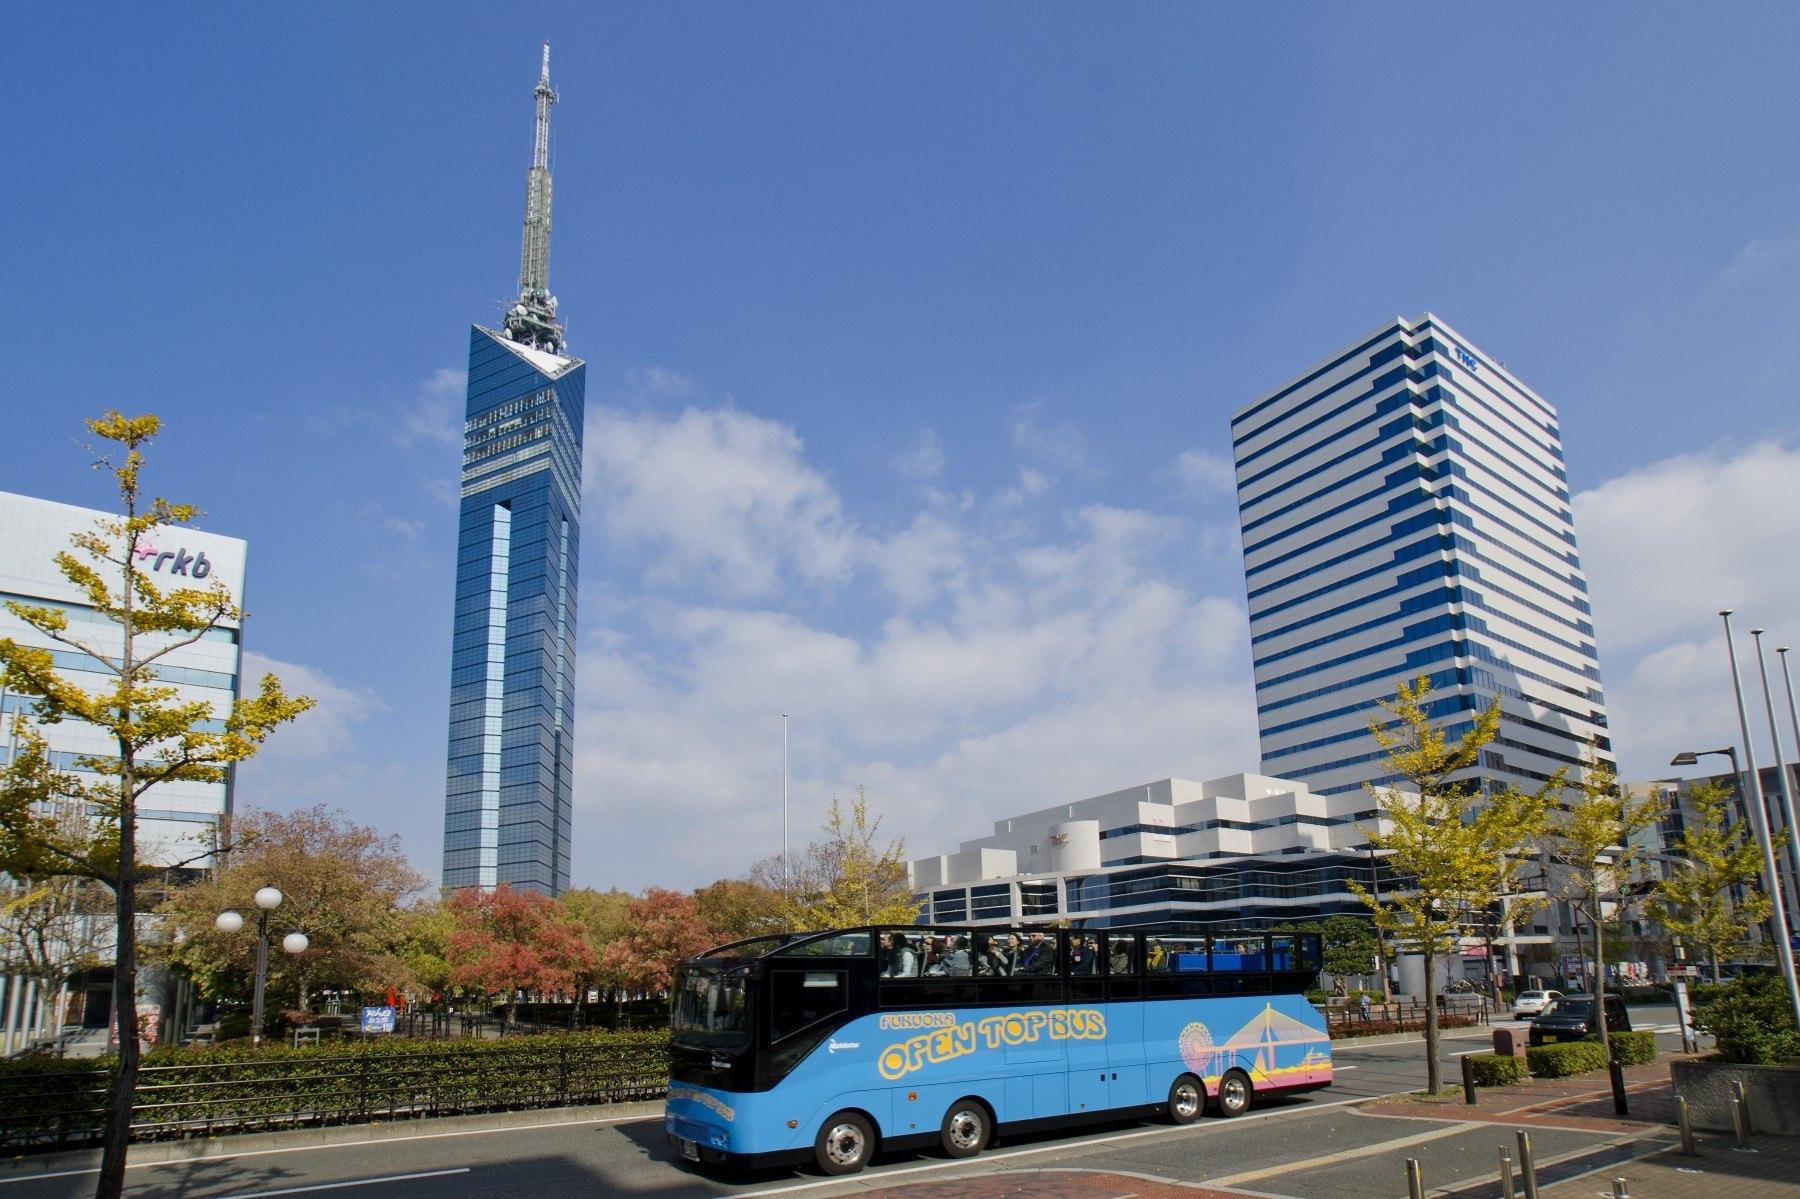 오픈 톱 버스(2012)의 이미지